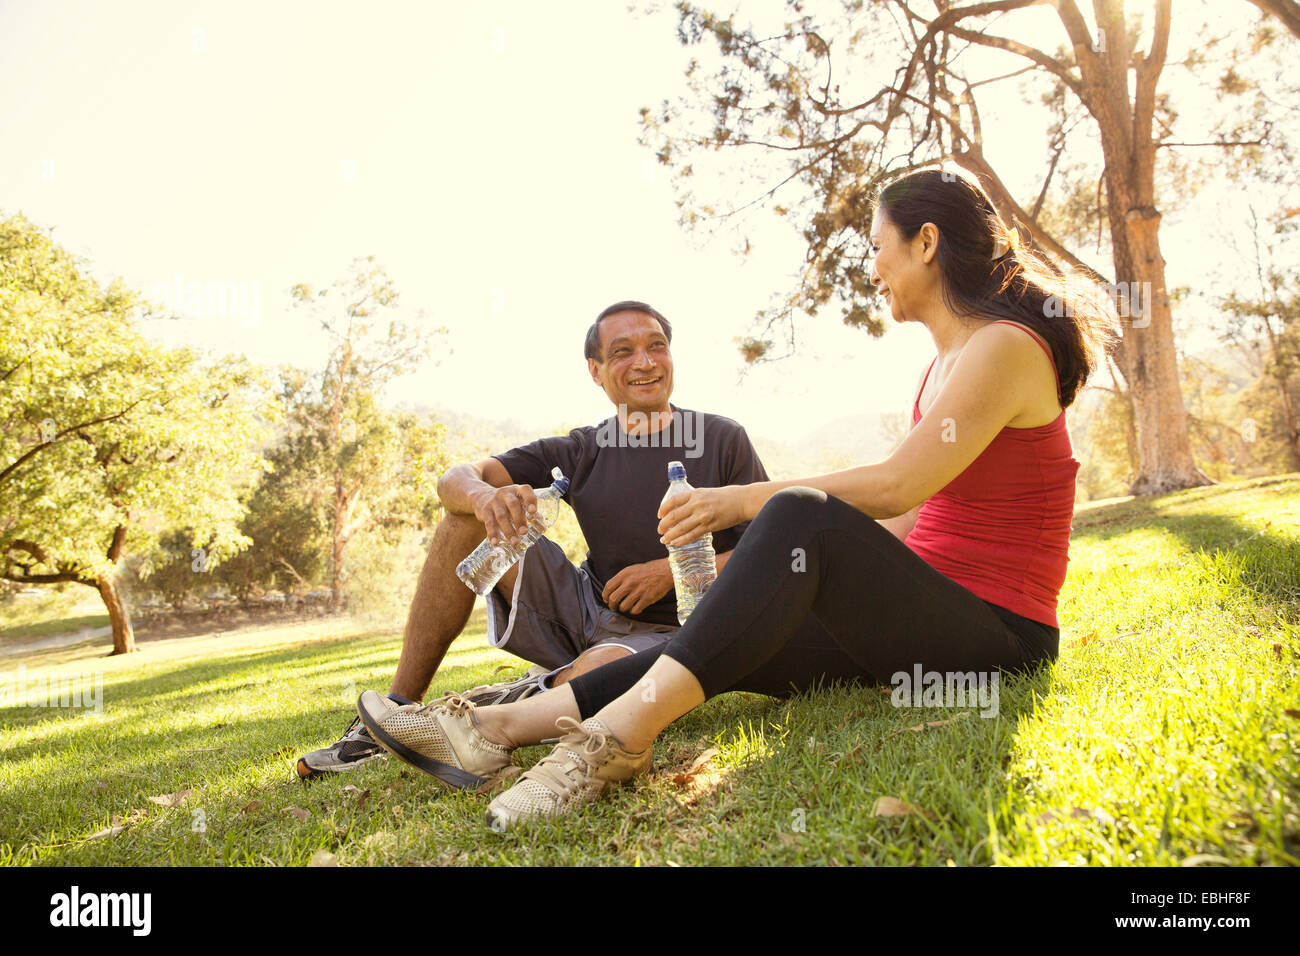 Ejecutando madura pareja tomando un descanso y abastecimiento de agua potable en el parque Imagen De Stock